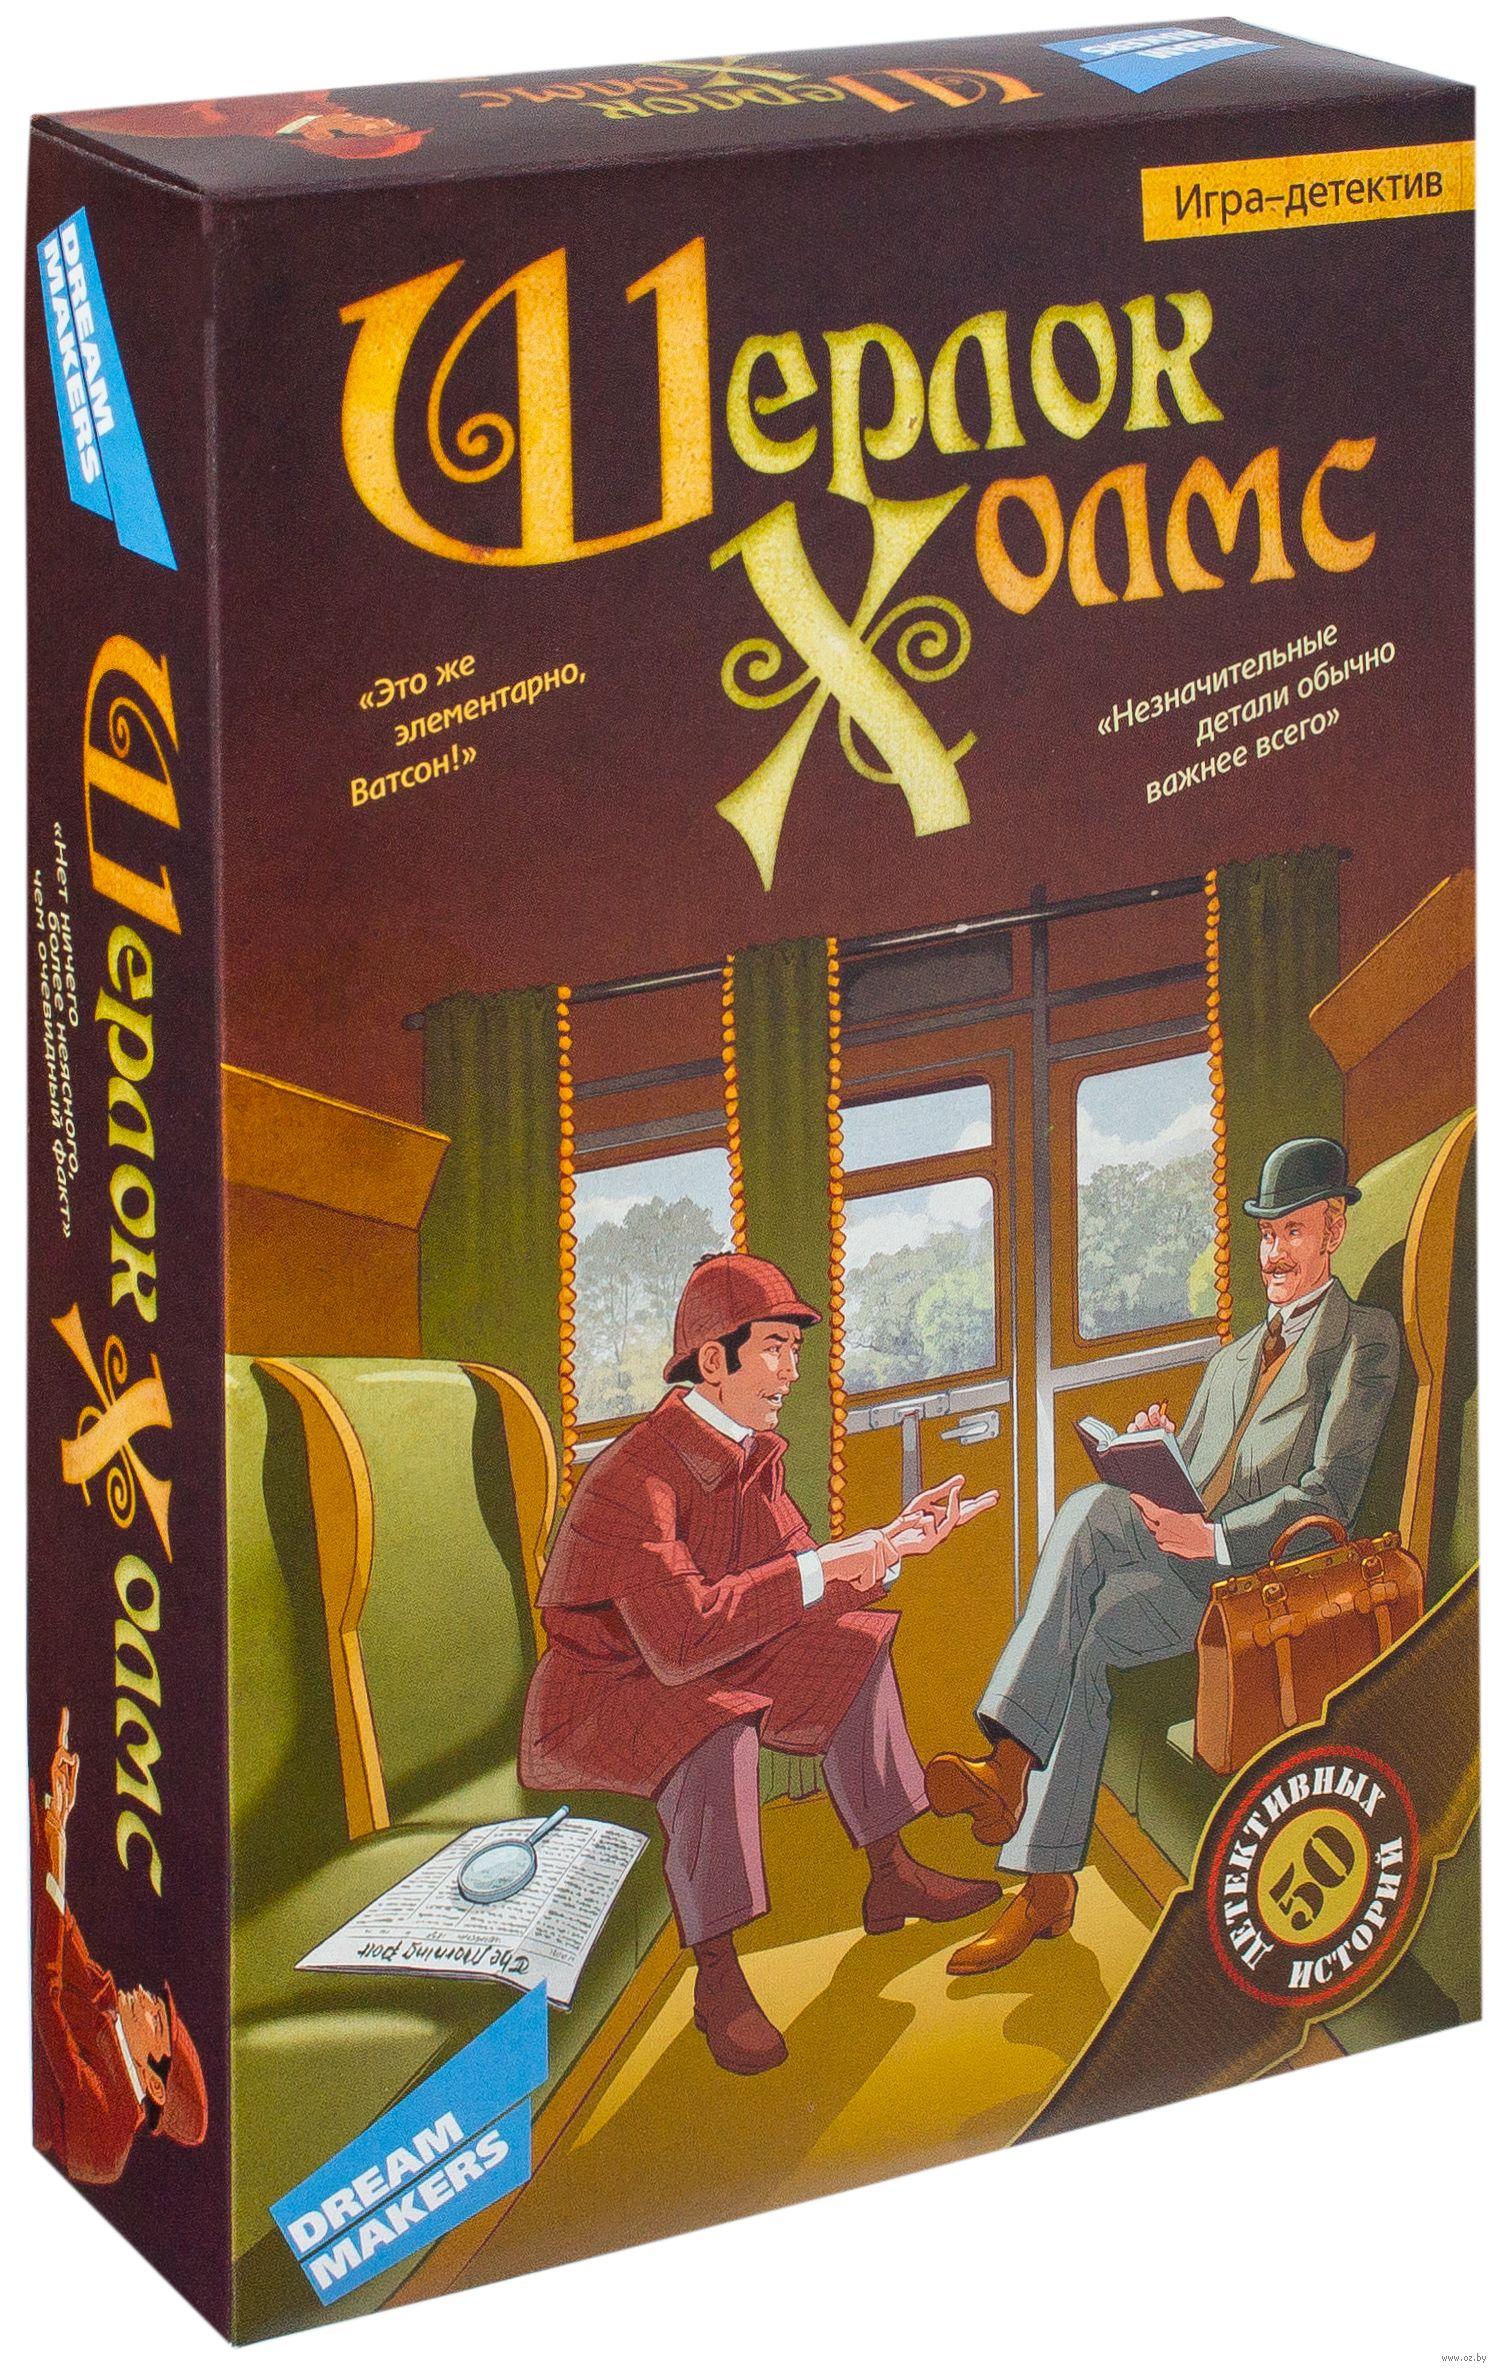 шерлок холмс играл в карты